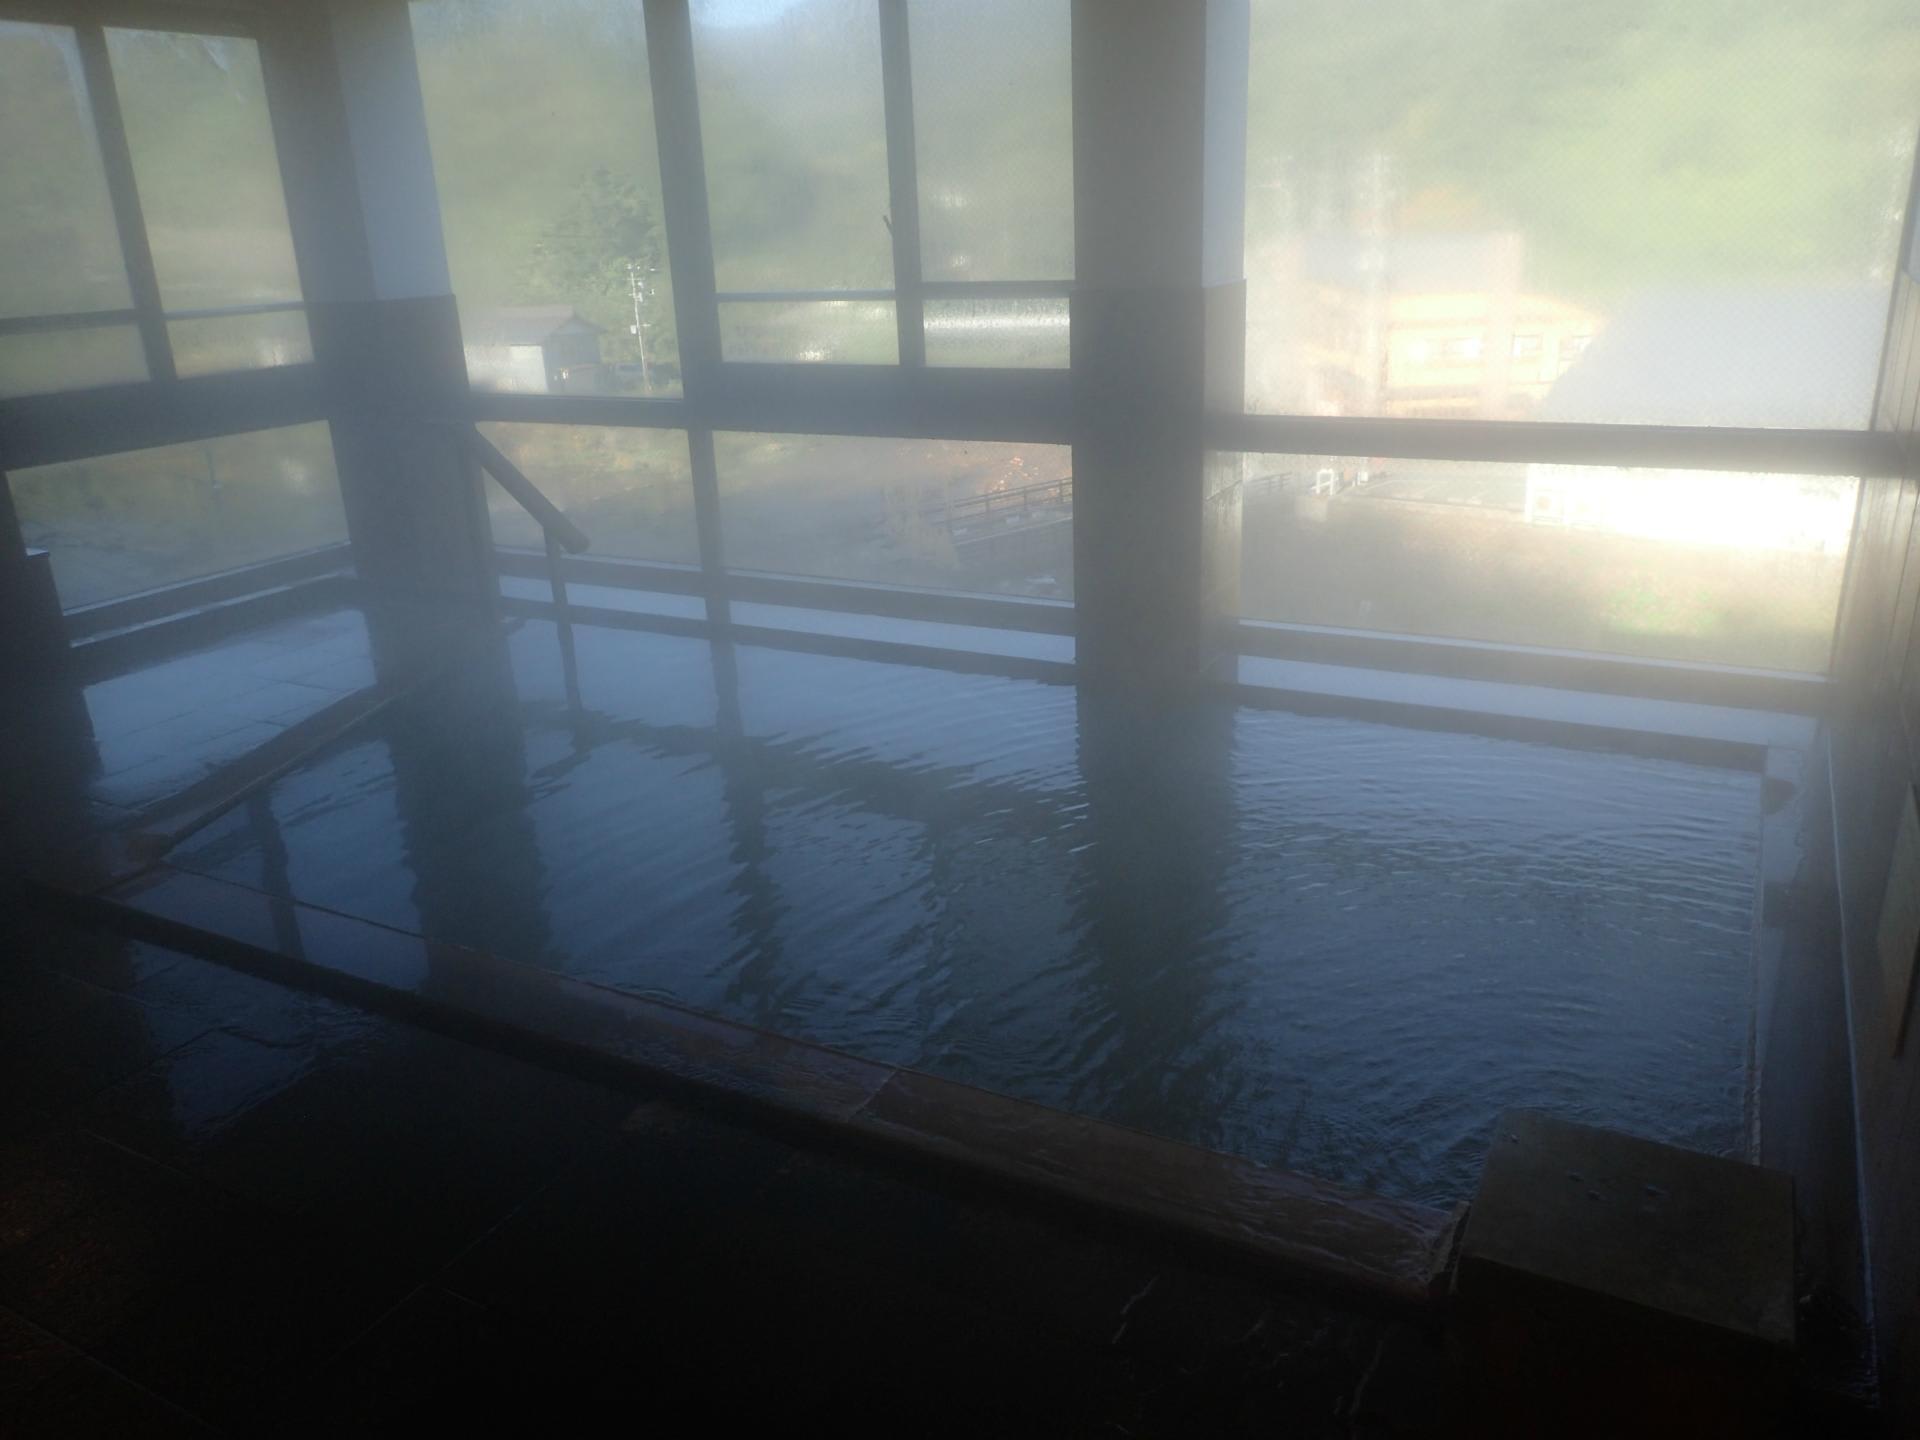 山形県の温泉 - タヌゥーの温泉日記